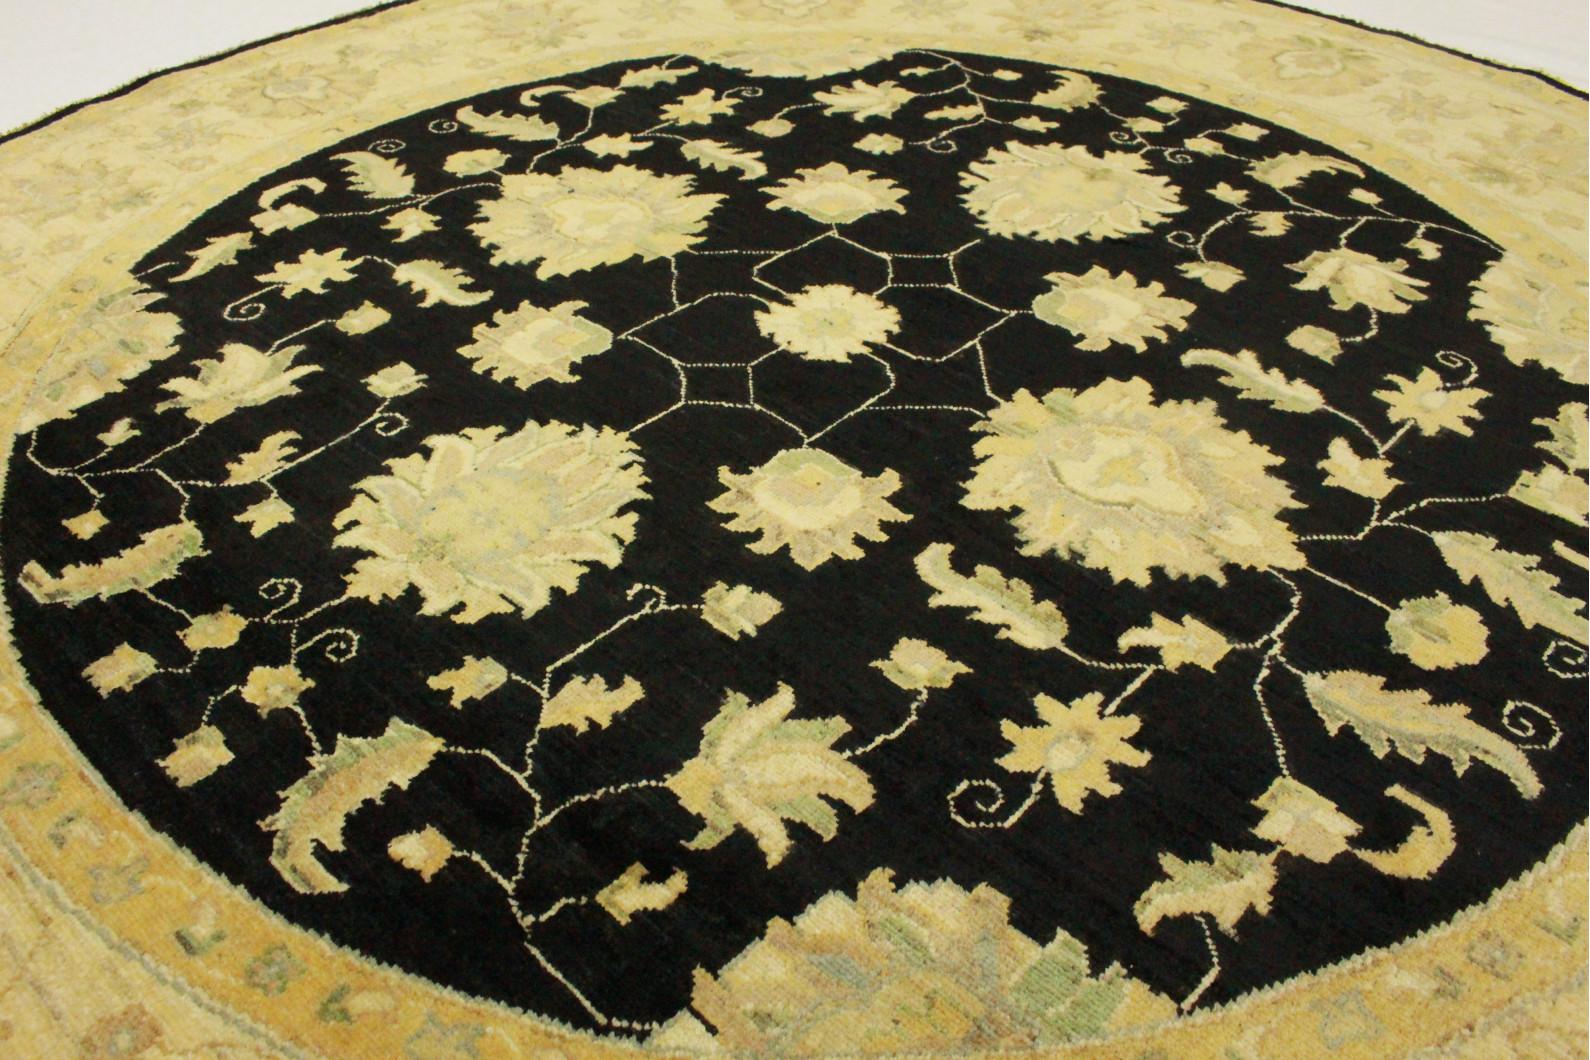 ziegler teppich rund schwarz in 210x210cm 5001 702 bei kaufen. Black Bedroom Furniture Sets. Home Design Ideas